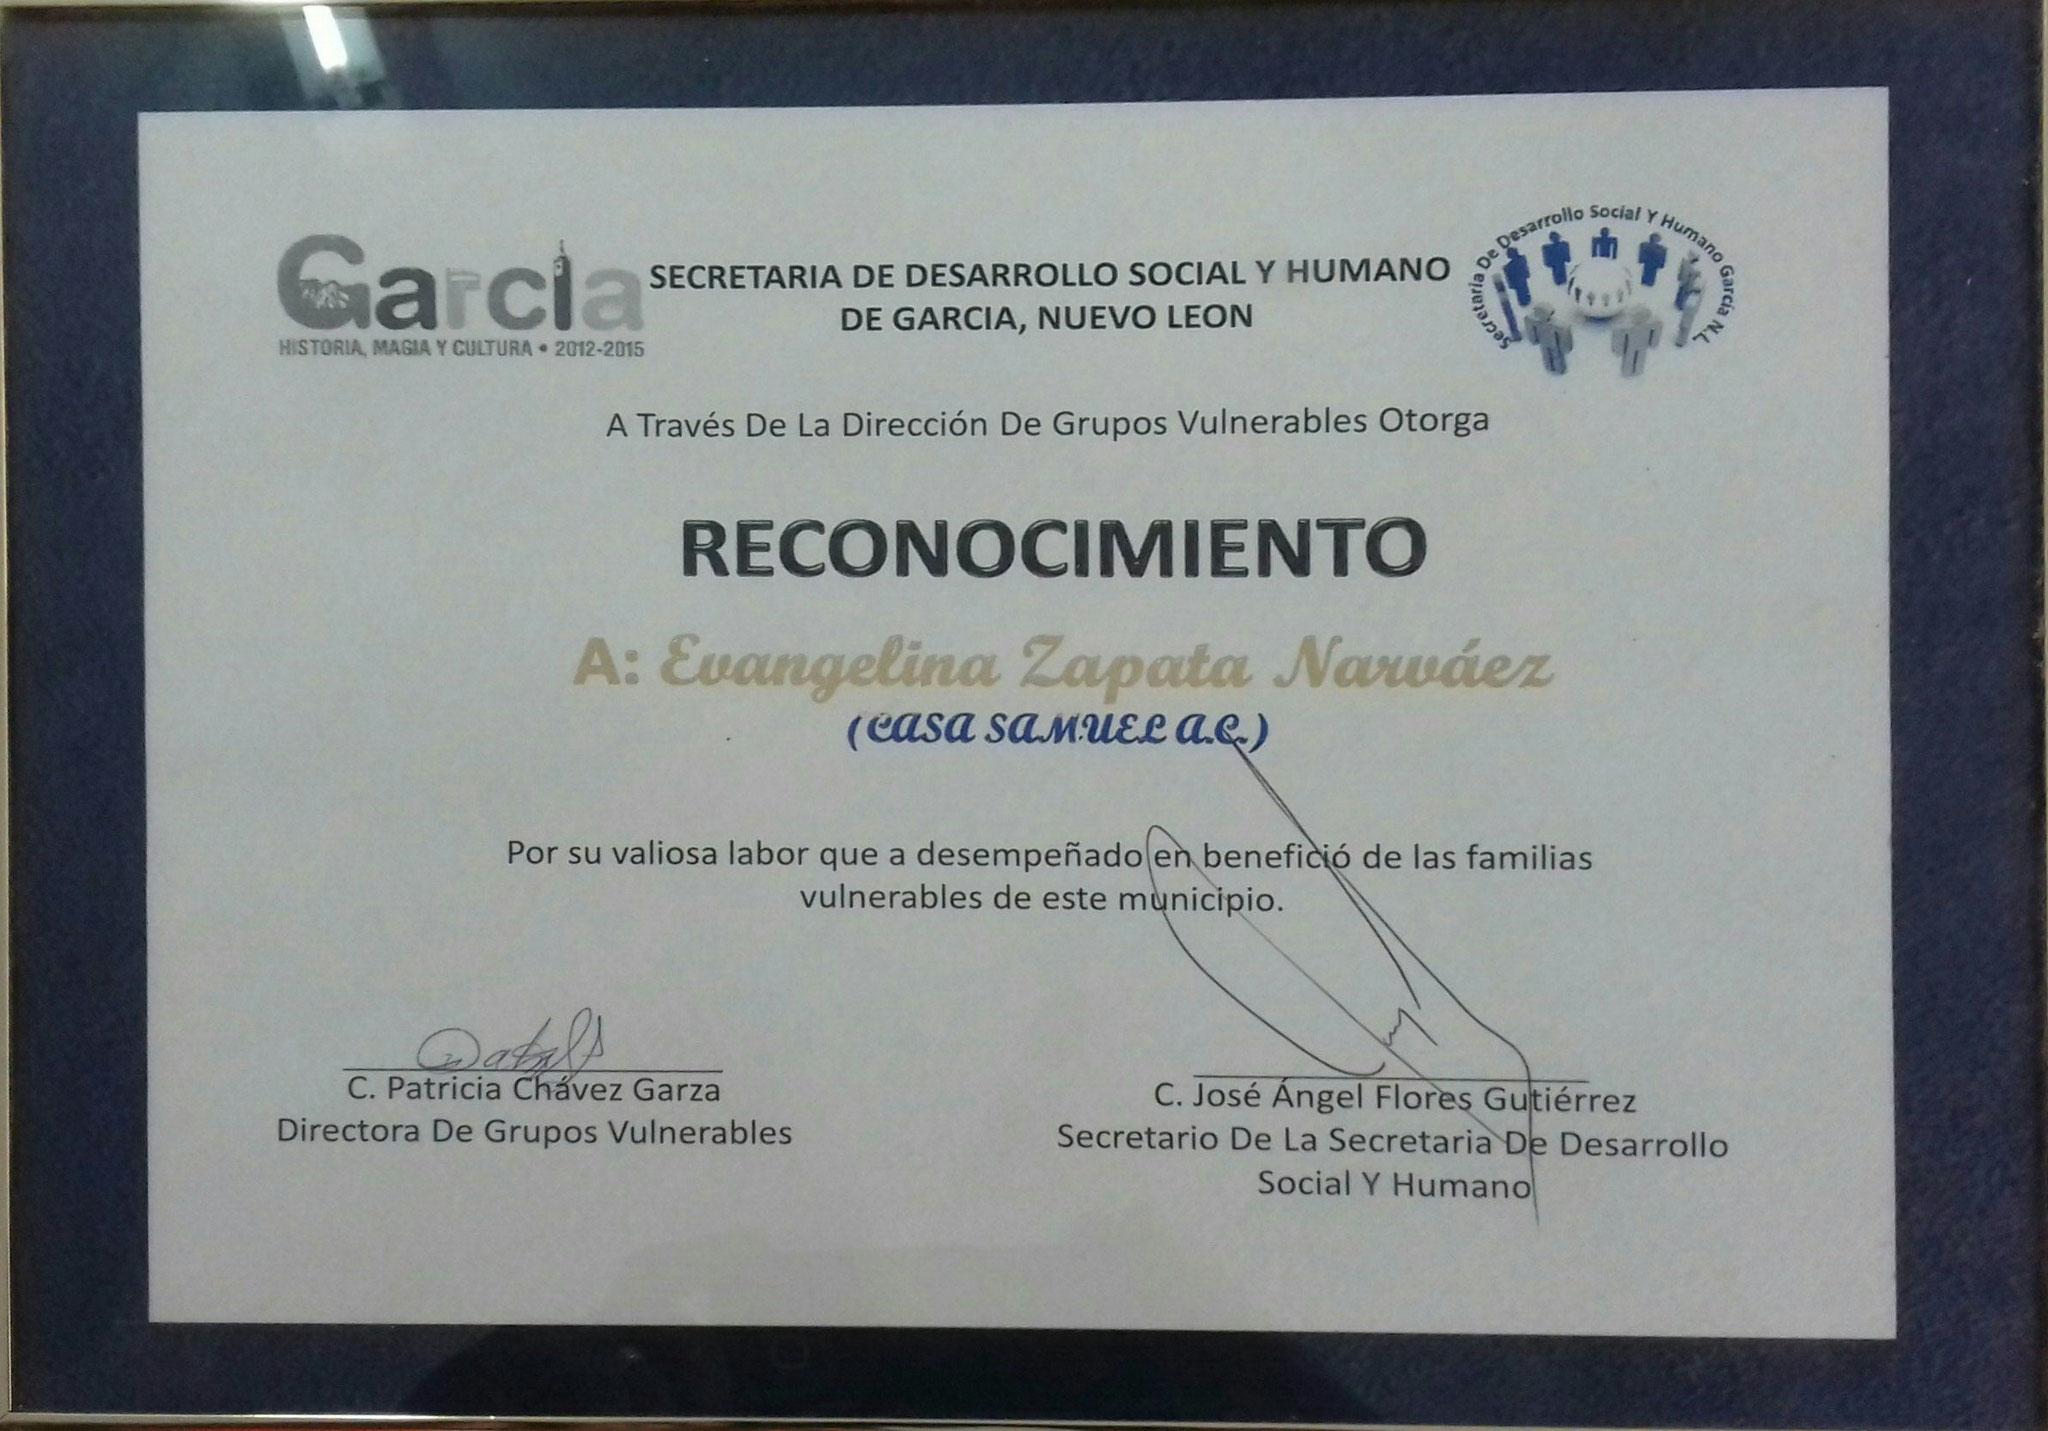 RECONOCIMIENTO SECRETARIA DE DESARROLLO SOCIAL DE GARCIA 2012